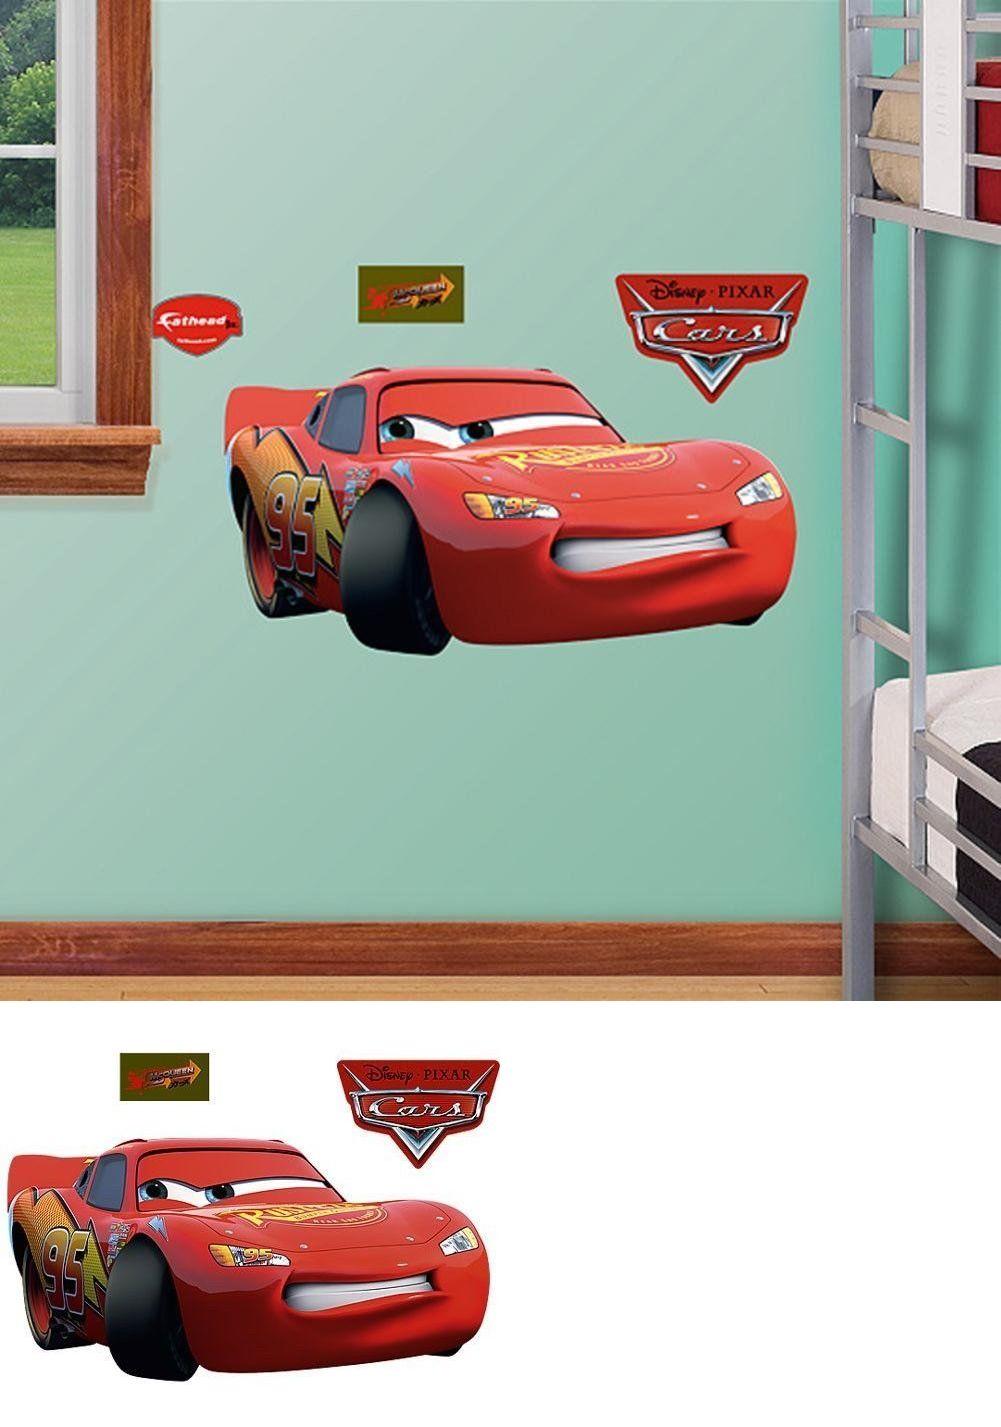 Bedroom Playroom And Dorm D Cor 115970 Cars Lightning Mcqueen Fathead Wall Decals Race 95 Room Decor Stickers Jr Disney Disney Cars Playroom Lightning Mcqueen [ 1427 x 1001 Pixel ]